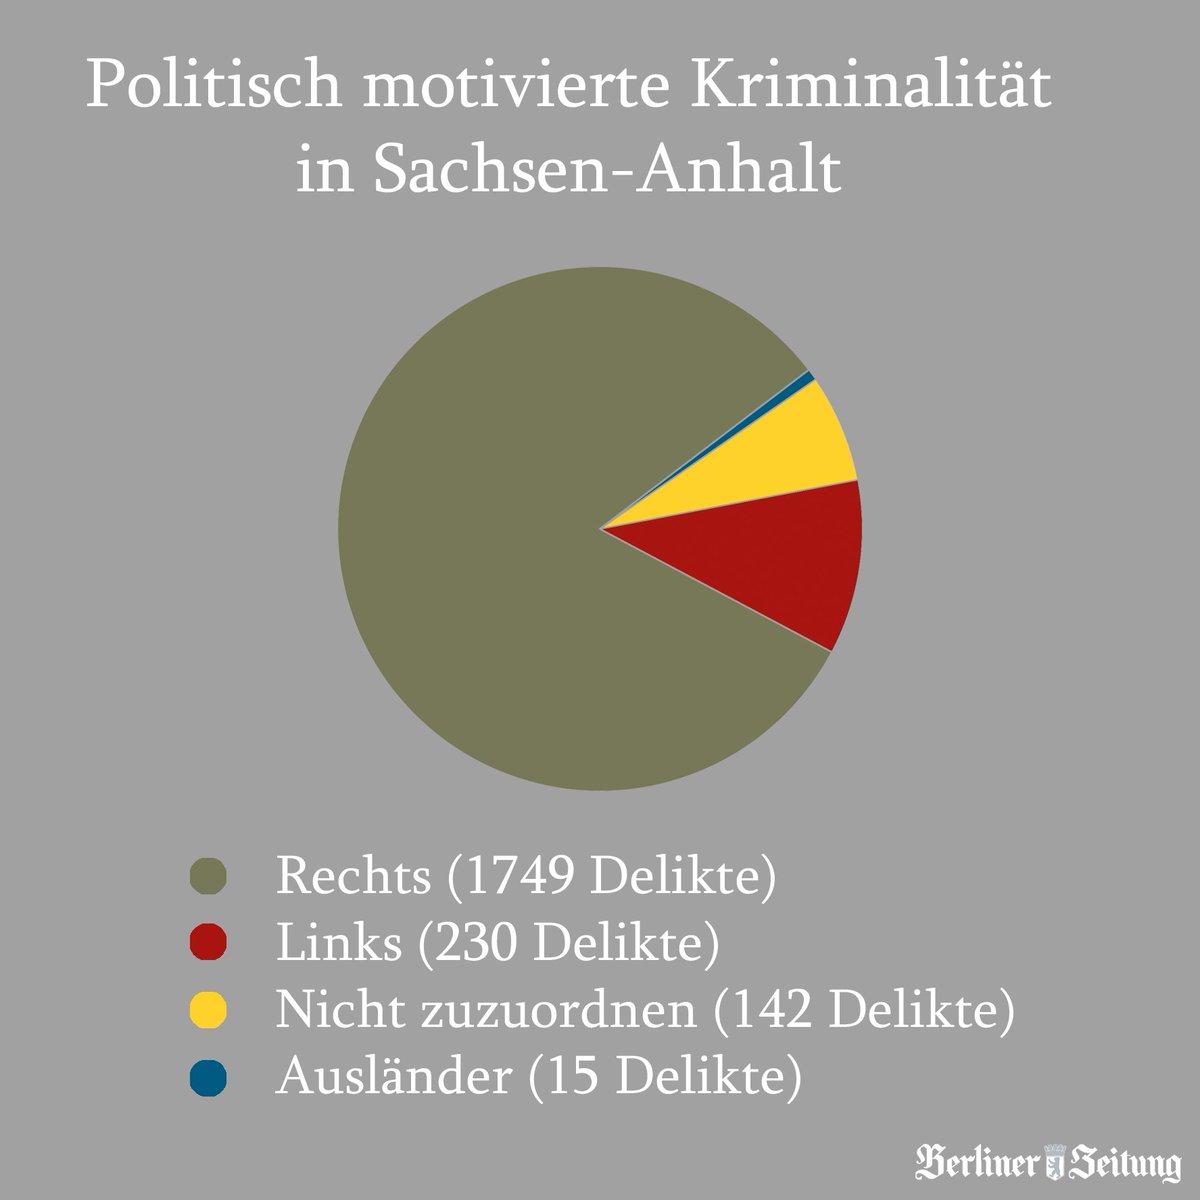 Anfrage der @AfD_LSA zur Kriminalität in Sachsen-Anhalt geht nach hinten los: https://t.co/890IGAKJB3 #AfD